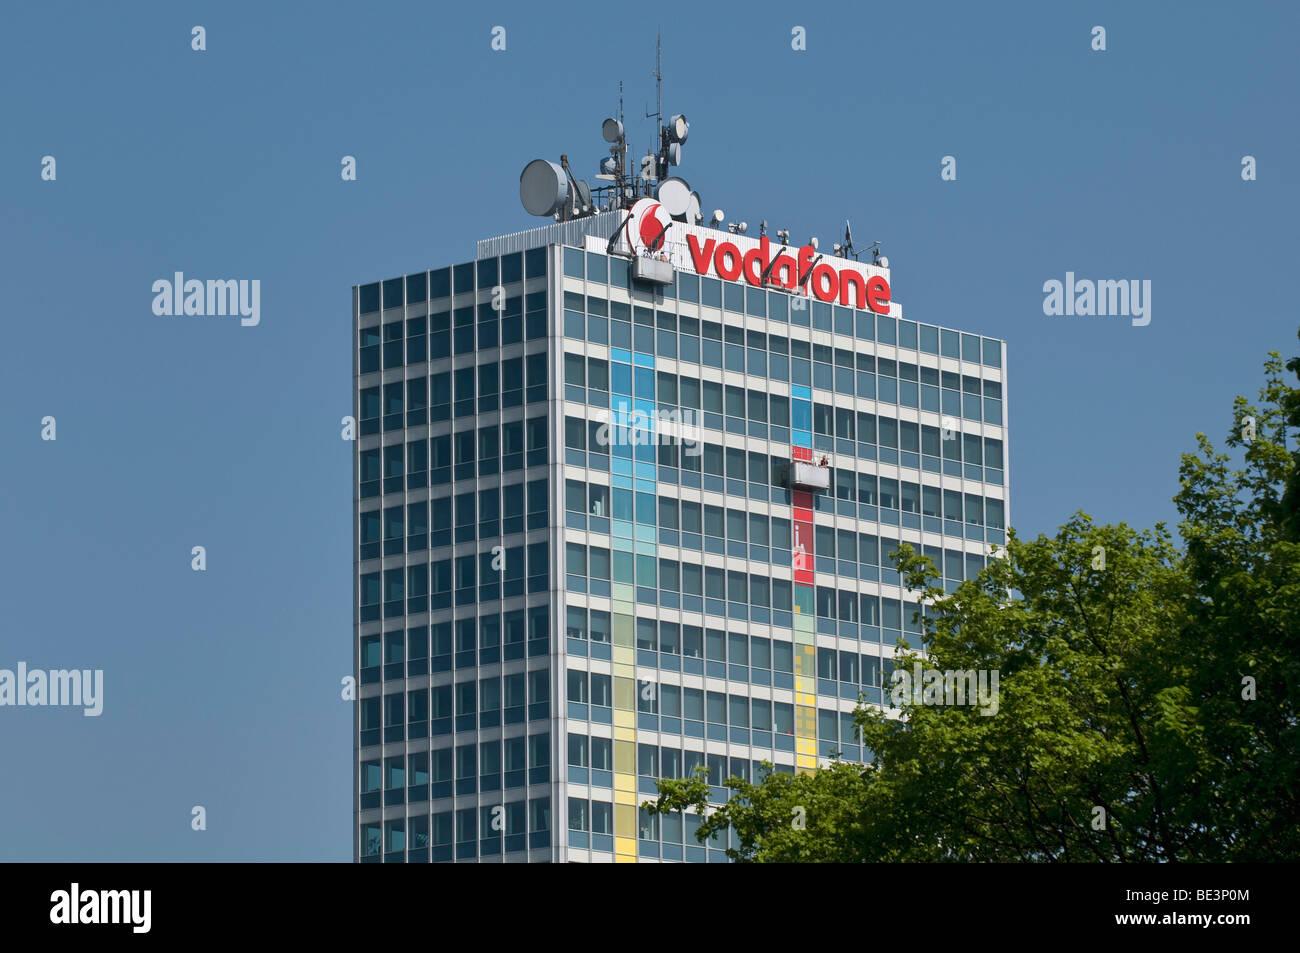 Vodafone-Haus in Düsseldorf, Antennen, Nordrhein-Westfalen, Deutschland, Europa Stockbild